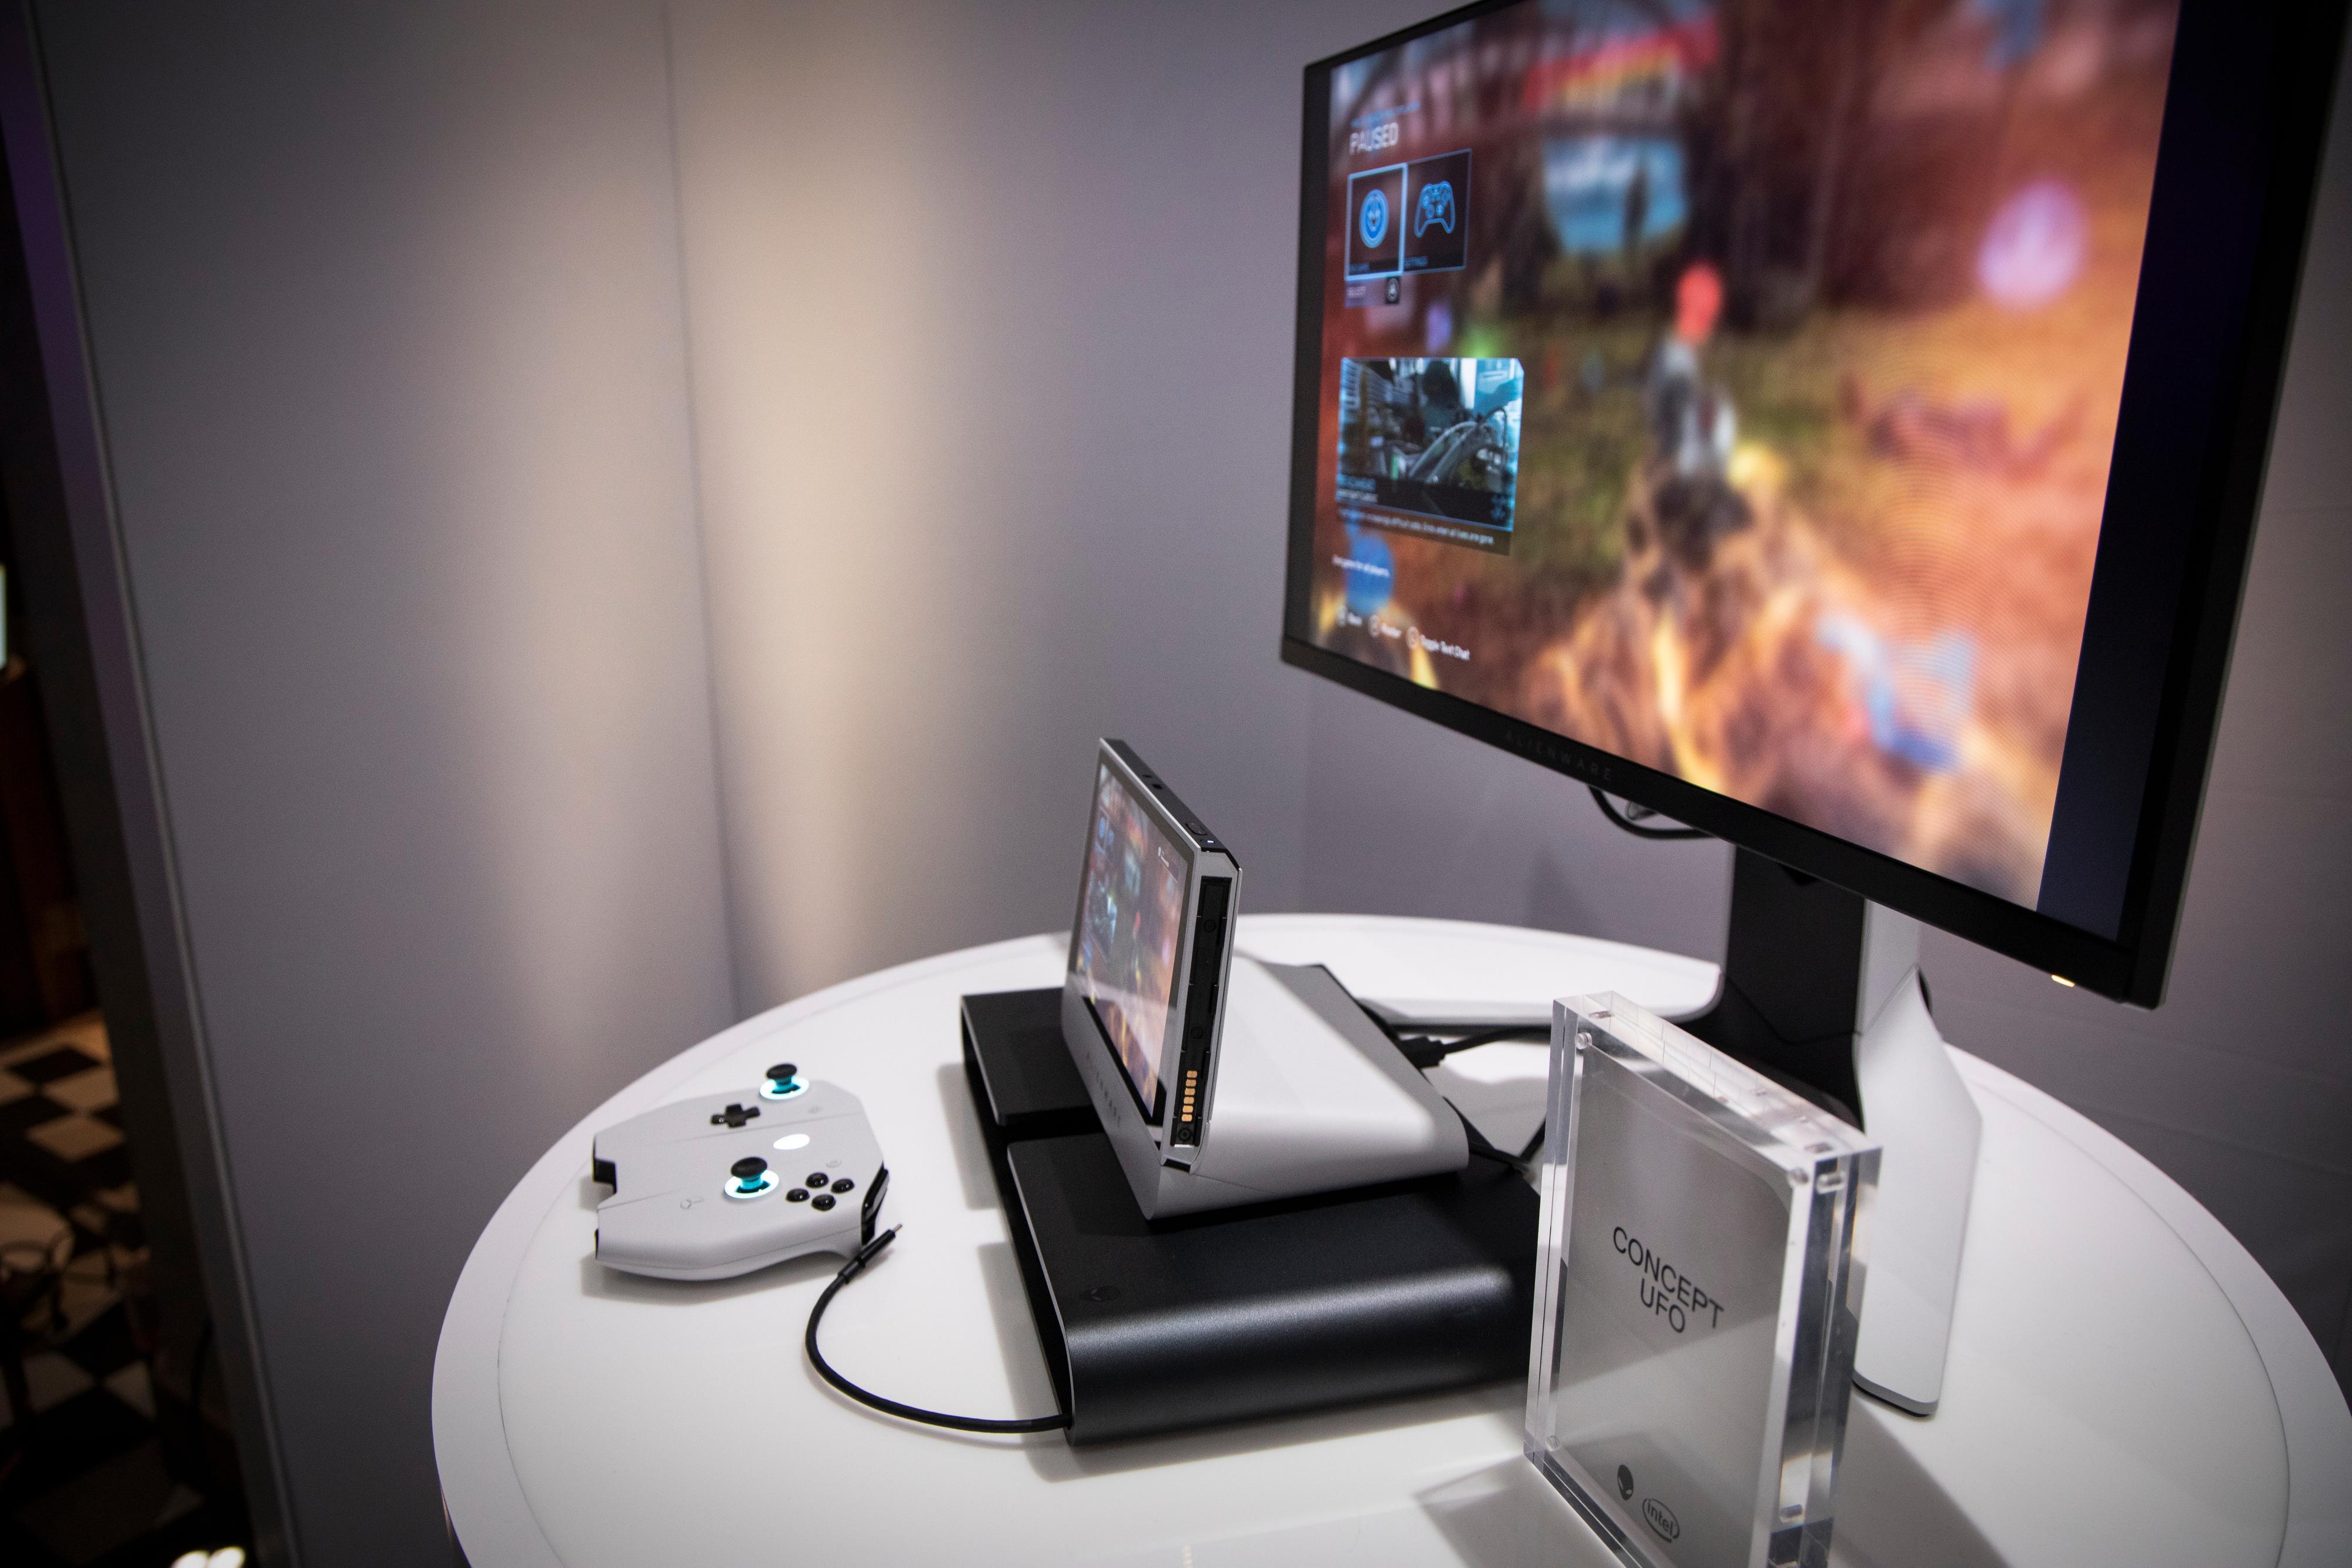 En dockingstasjon hører til, slik at du kan spille på en ordentlig skjerm eller TV.